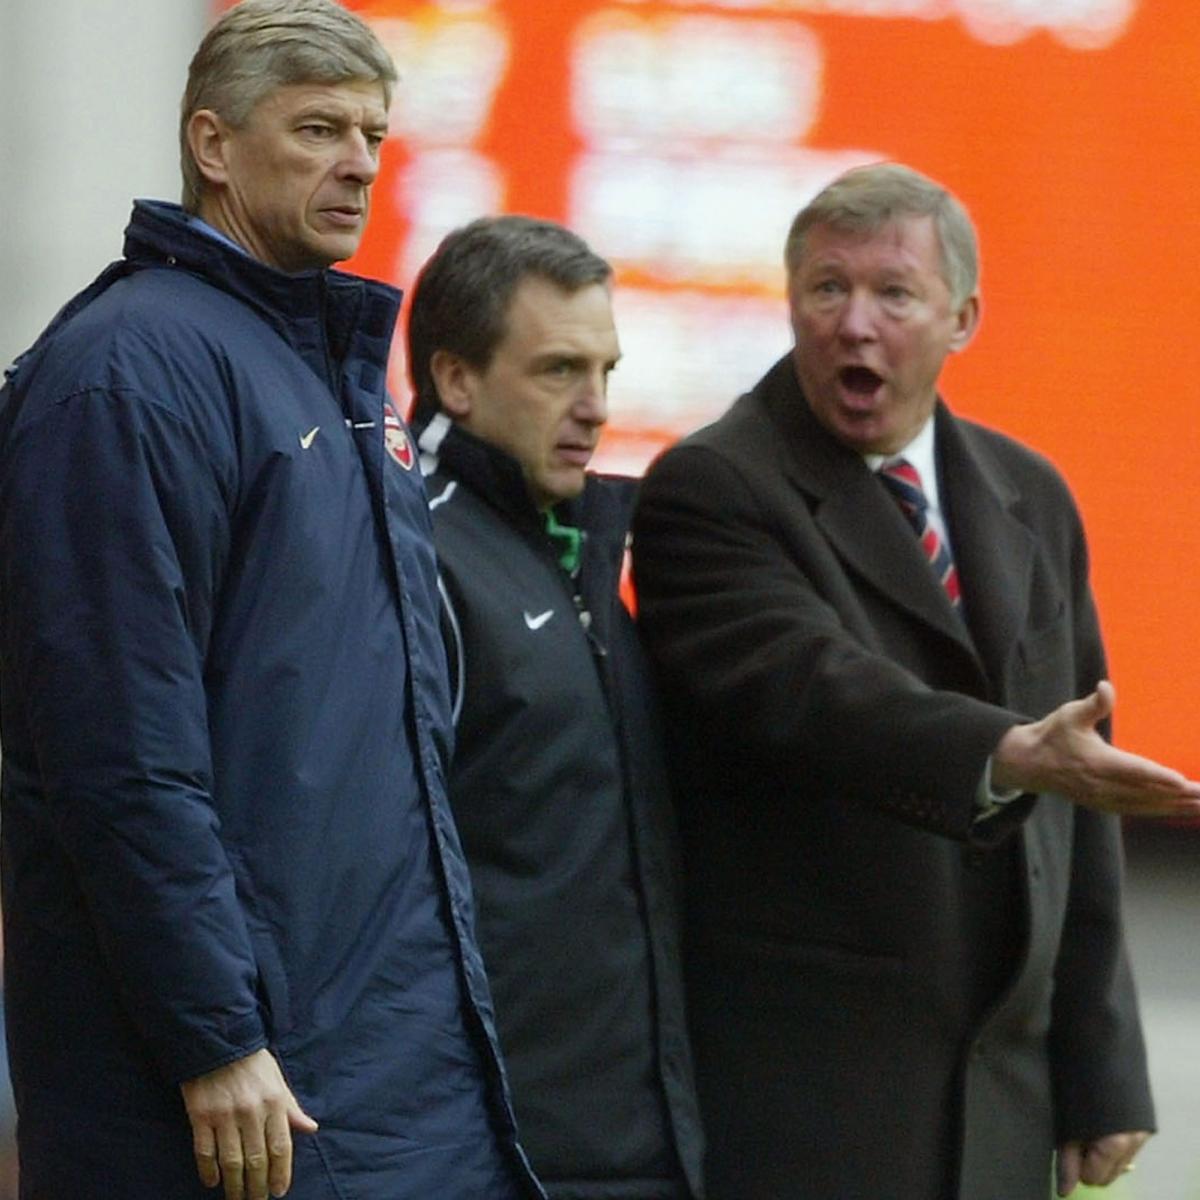 Gay gắt nhưng lịch lãm, Wenger và Ferguson luôn giữ cho các cuộc đối đầu giữa họ mang tính chất hiệp sỹ, thượng lưu. Ảnh: PA